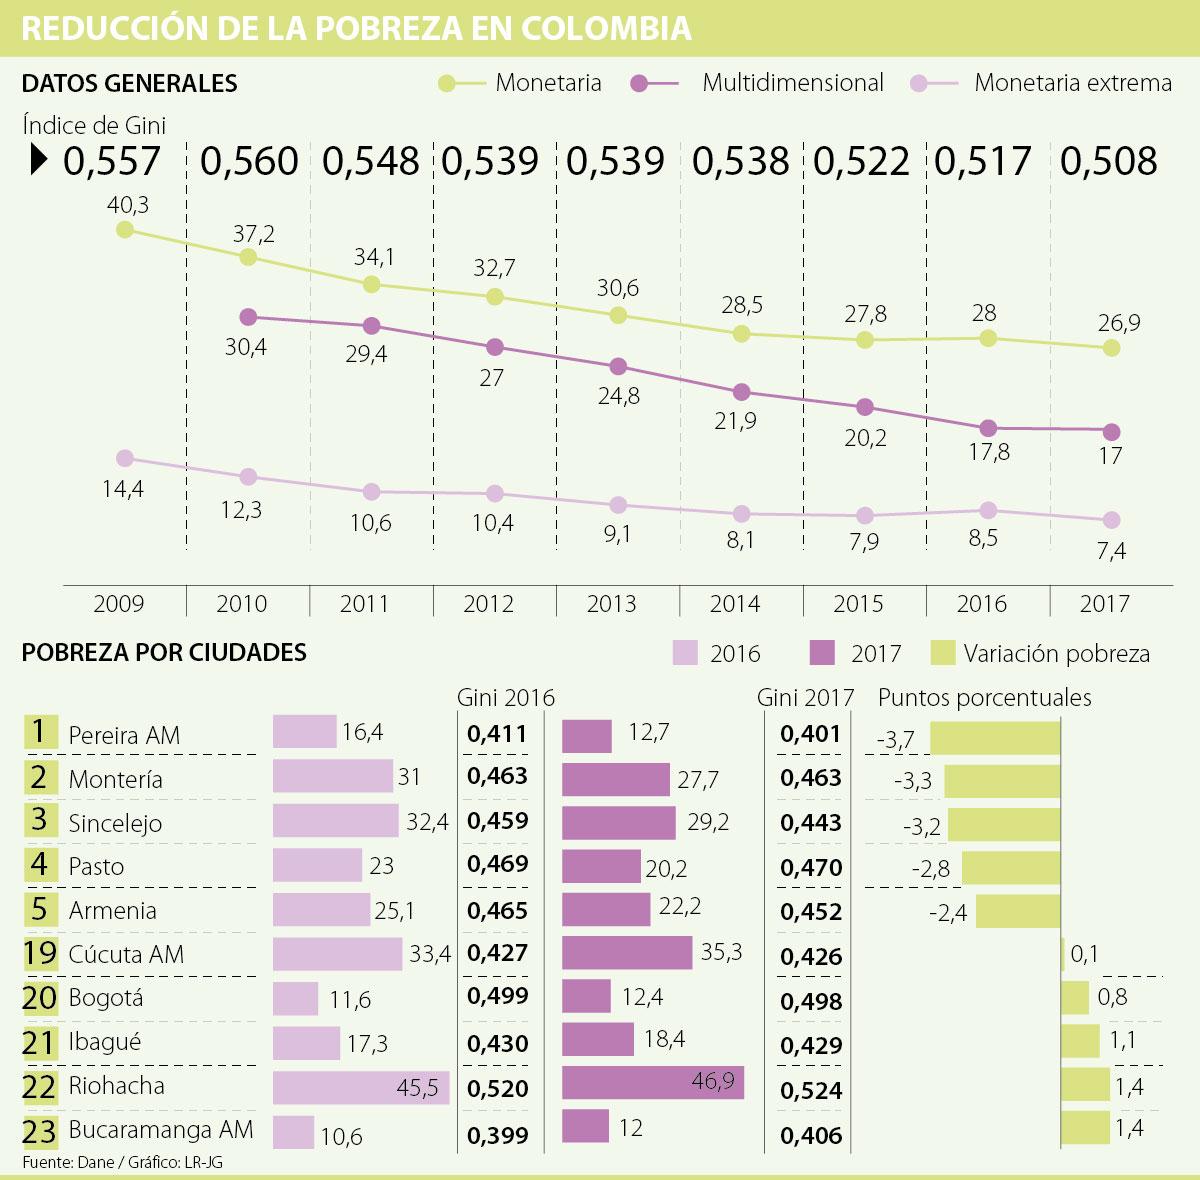 Colombia redujo la pobreza monetaria y extrema en el 2017